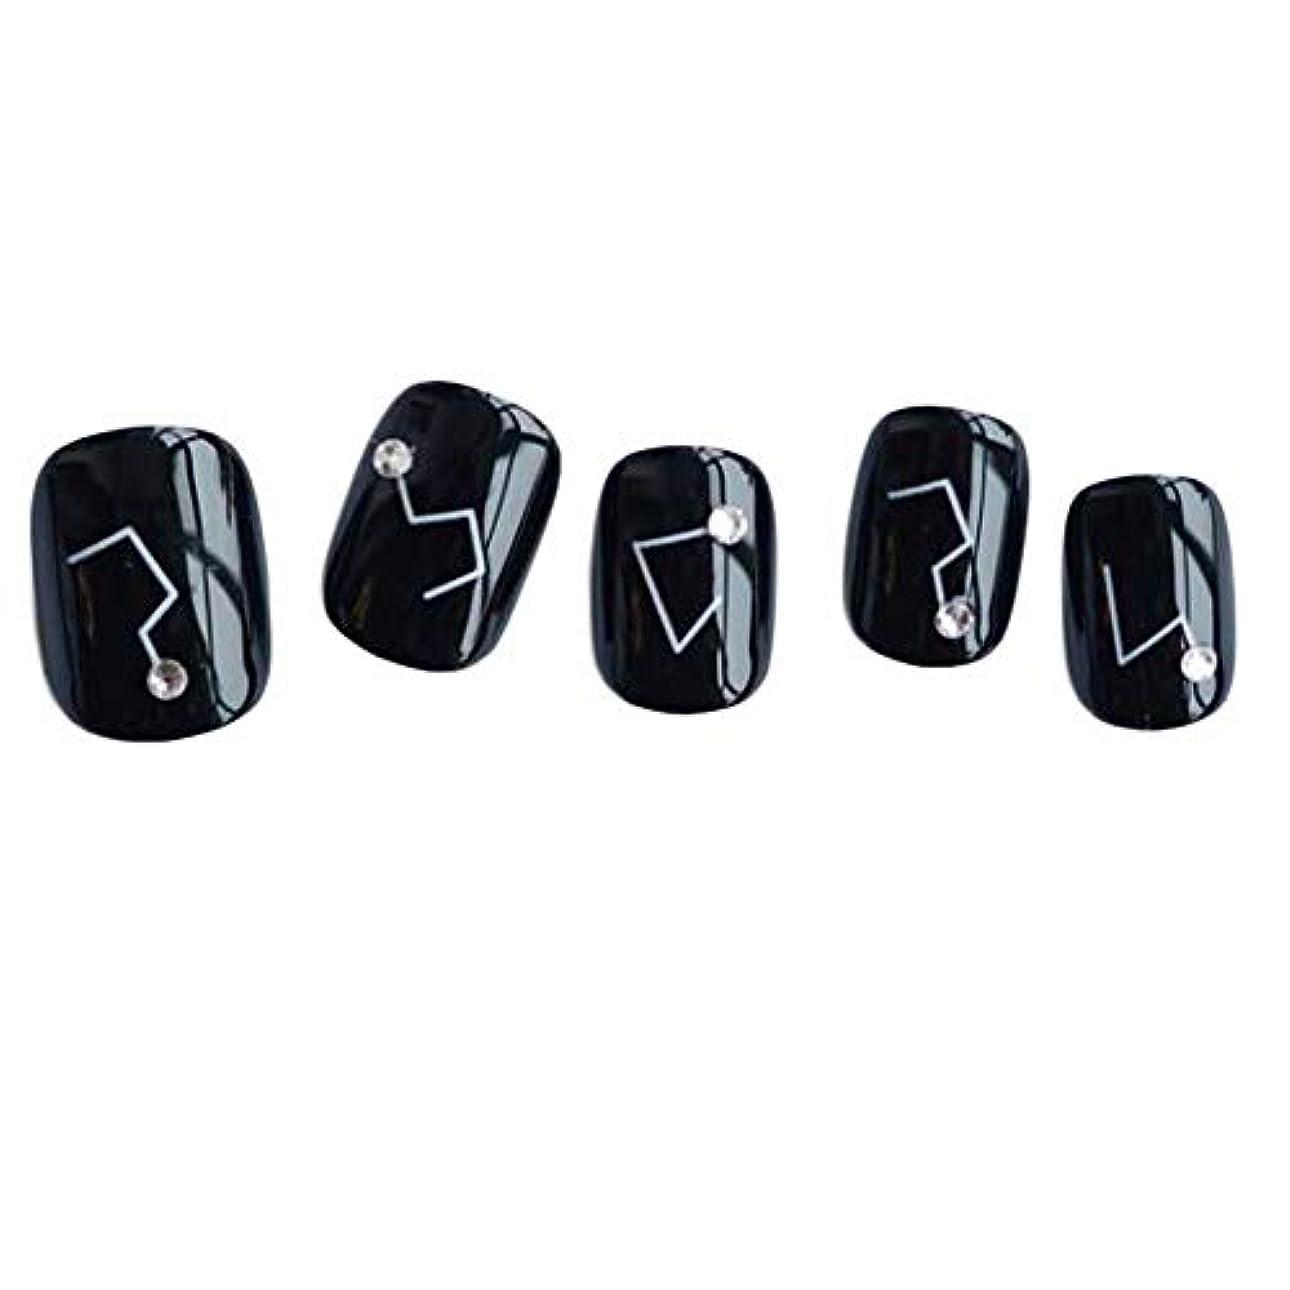 必要ない高める結び目星座 - 黒い短い偽の指爪人工爪の装飾の爪のヒント